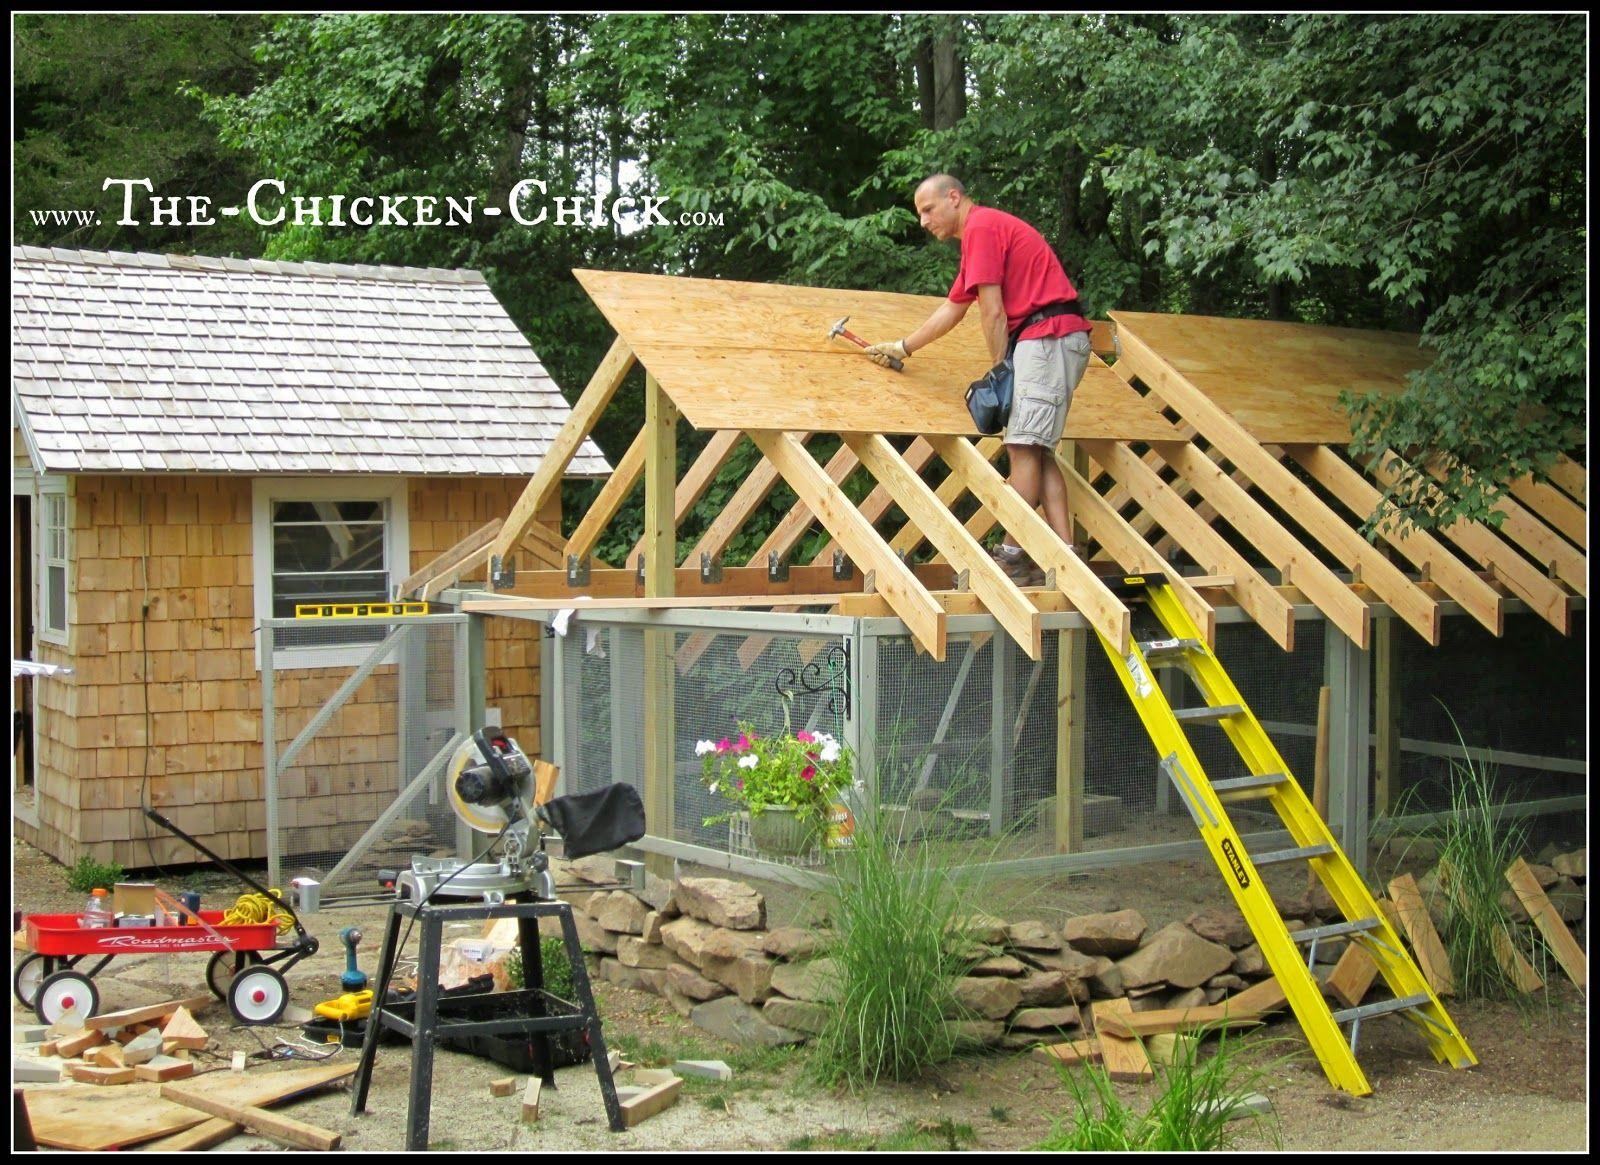 Chicken Coop Design Essentials Details Luxuries Chicken Coop Designs Keeping Chickens Chickens Backyard